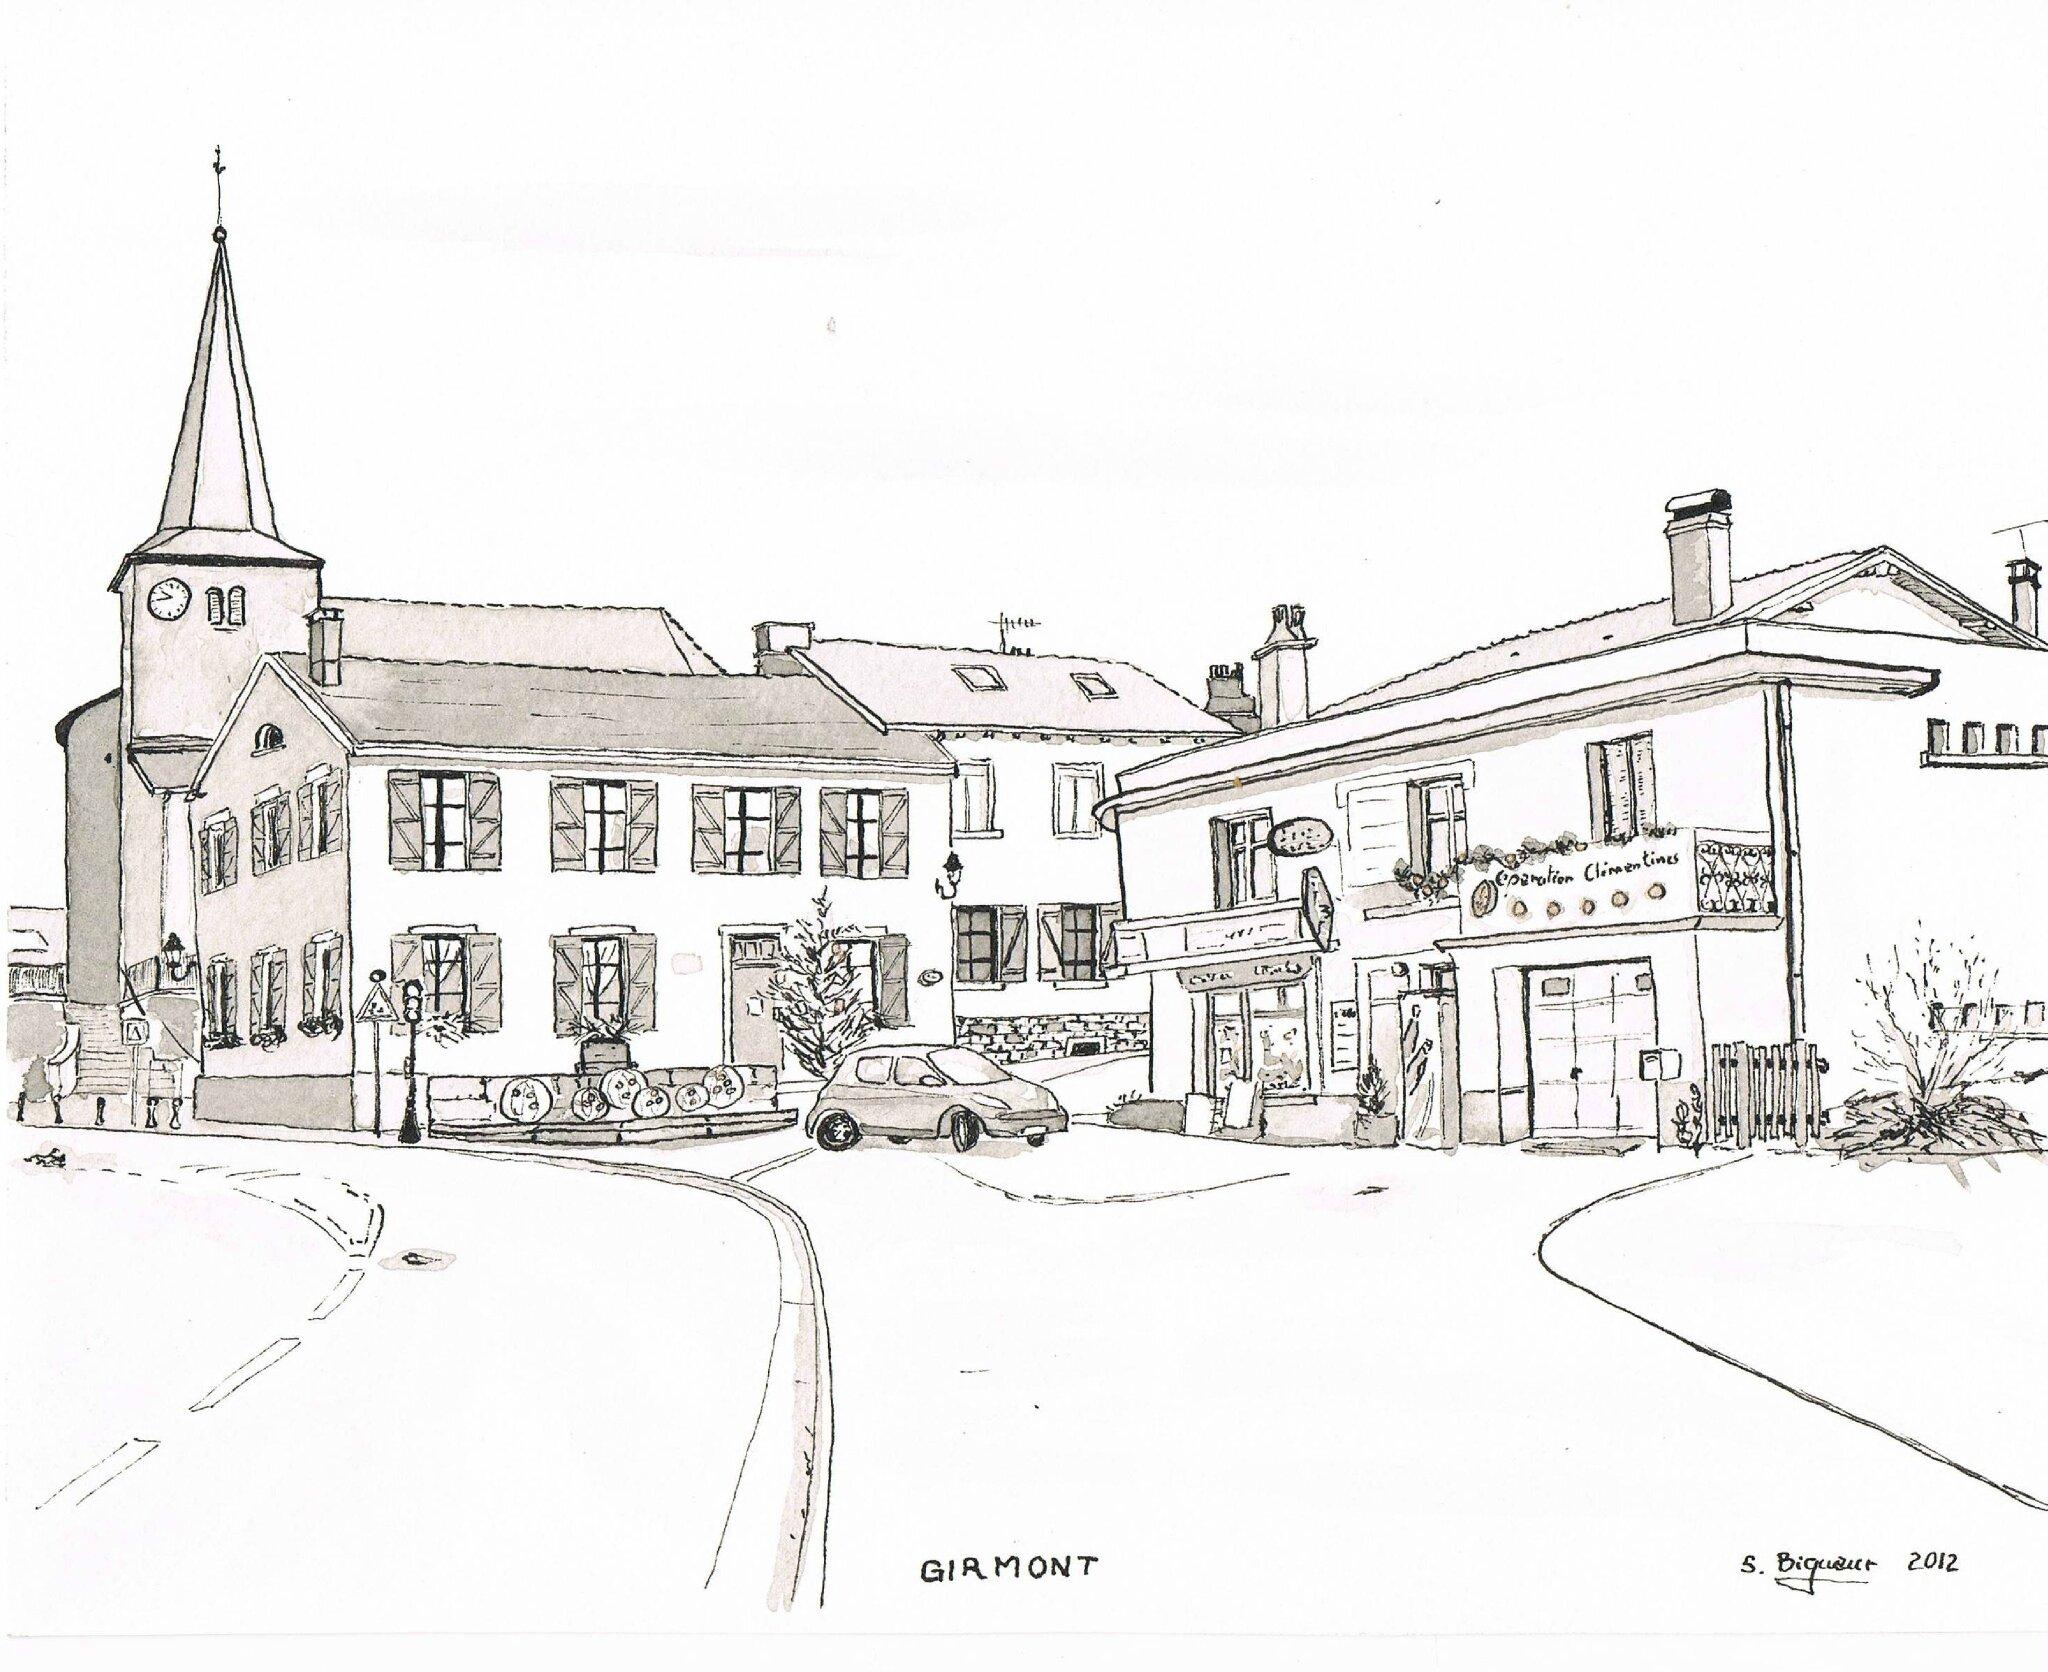 Girmont centre et son picerie photo de dessins l - Village dessin ...